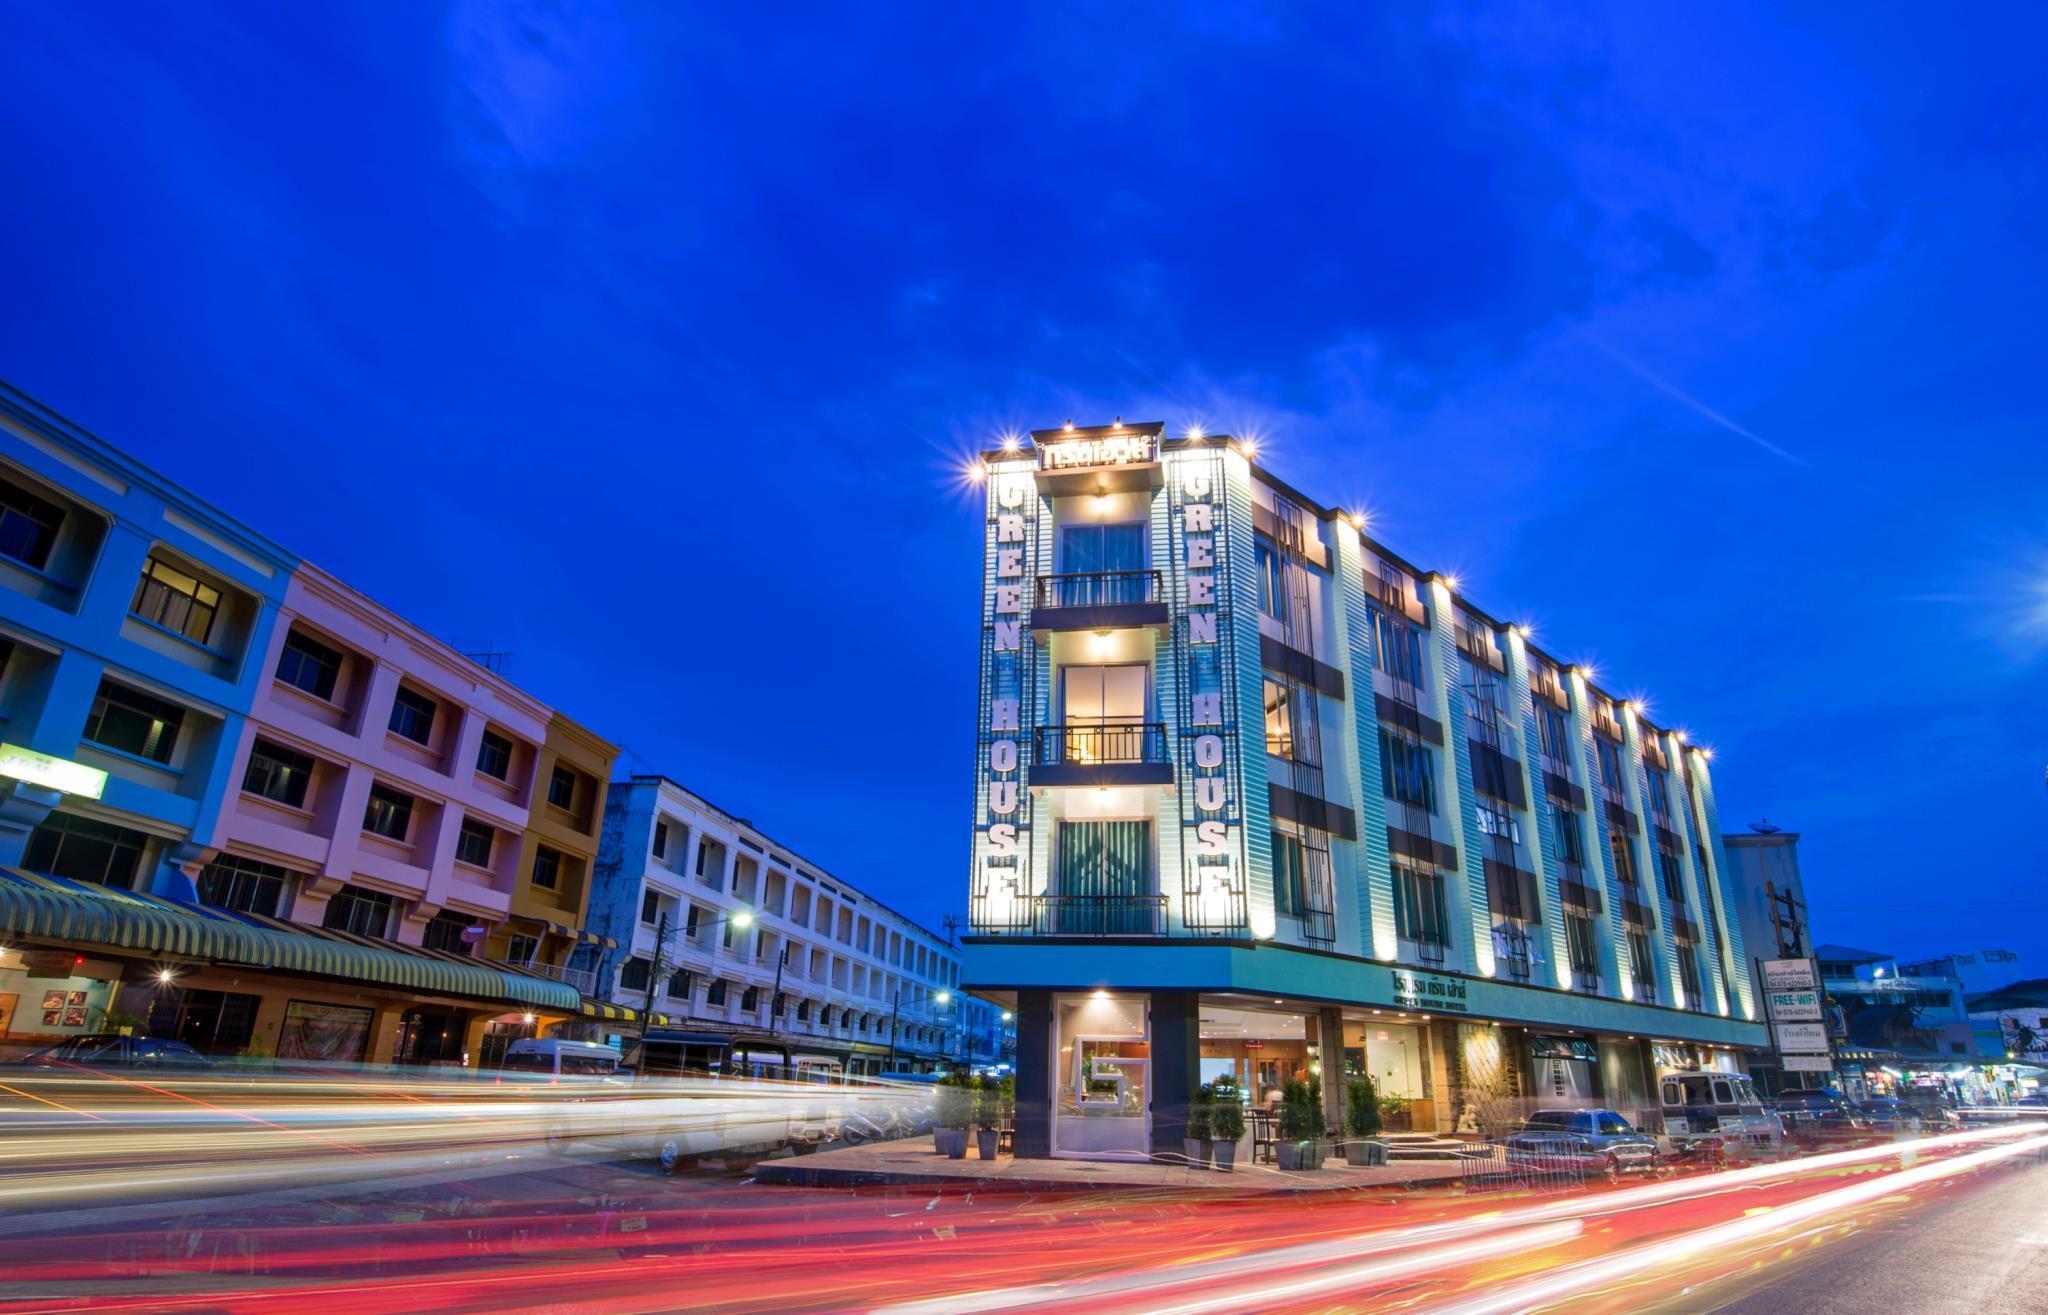 โรงแรมกรีนเฮาส์